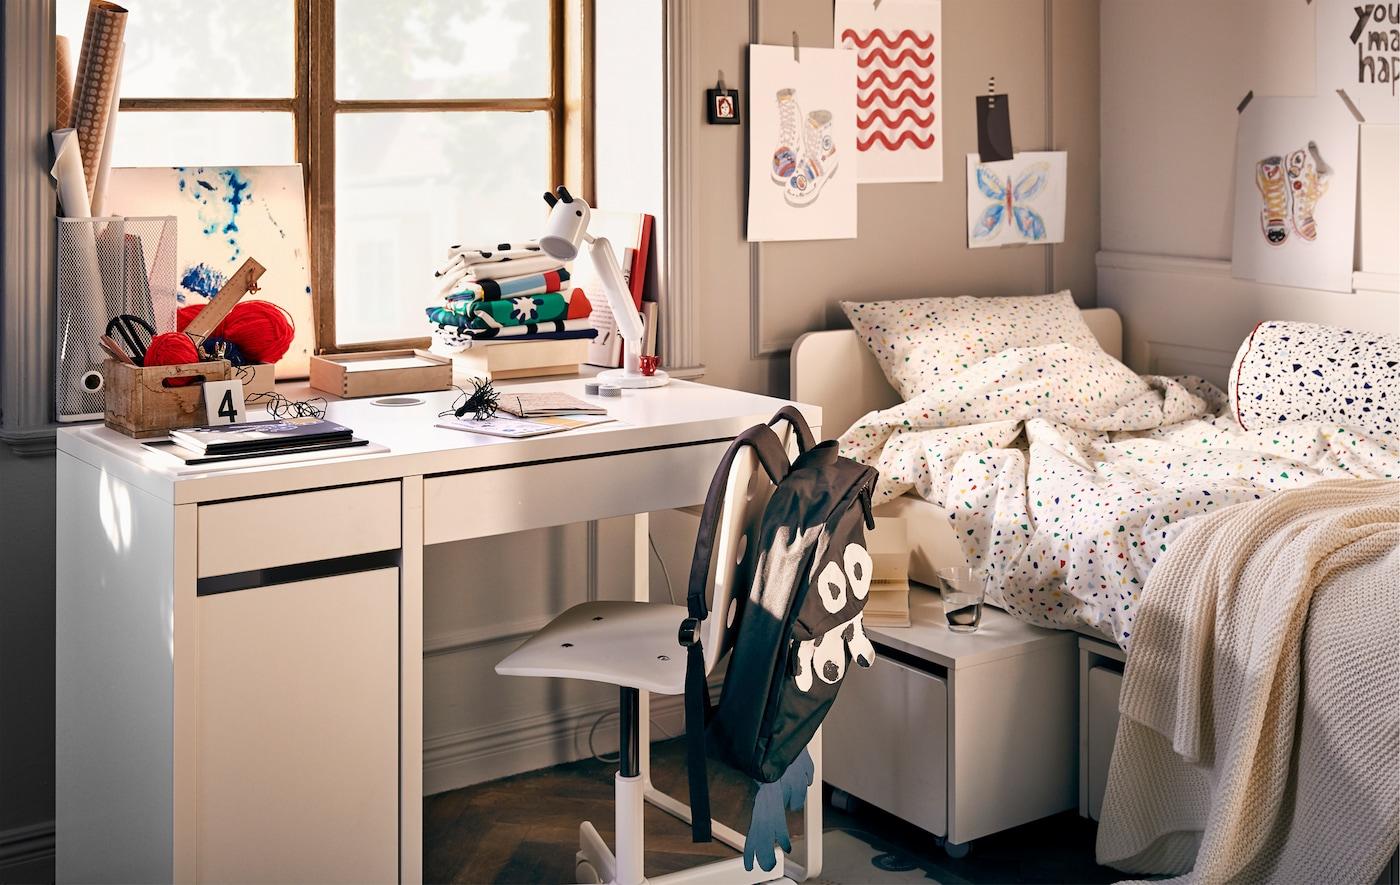 غرفة أطفال من الداخل مع سرير وفن جداري ومساحة عمل تتكون من مكتب MICKE وكرسي دوار ومصباح KRUX.